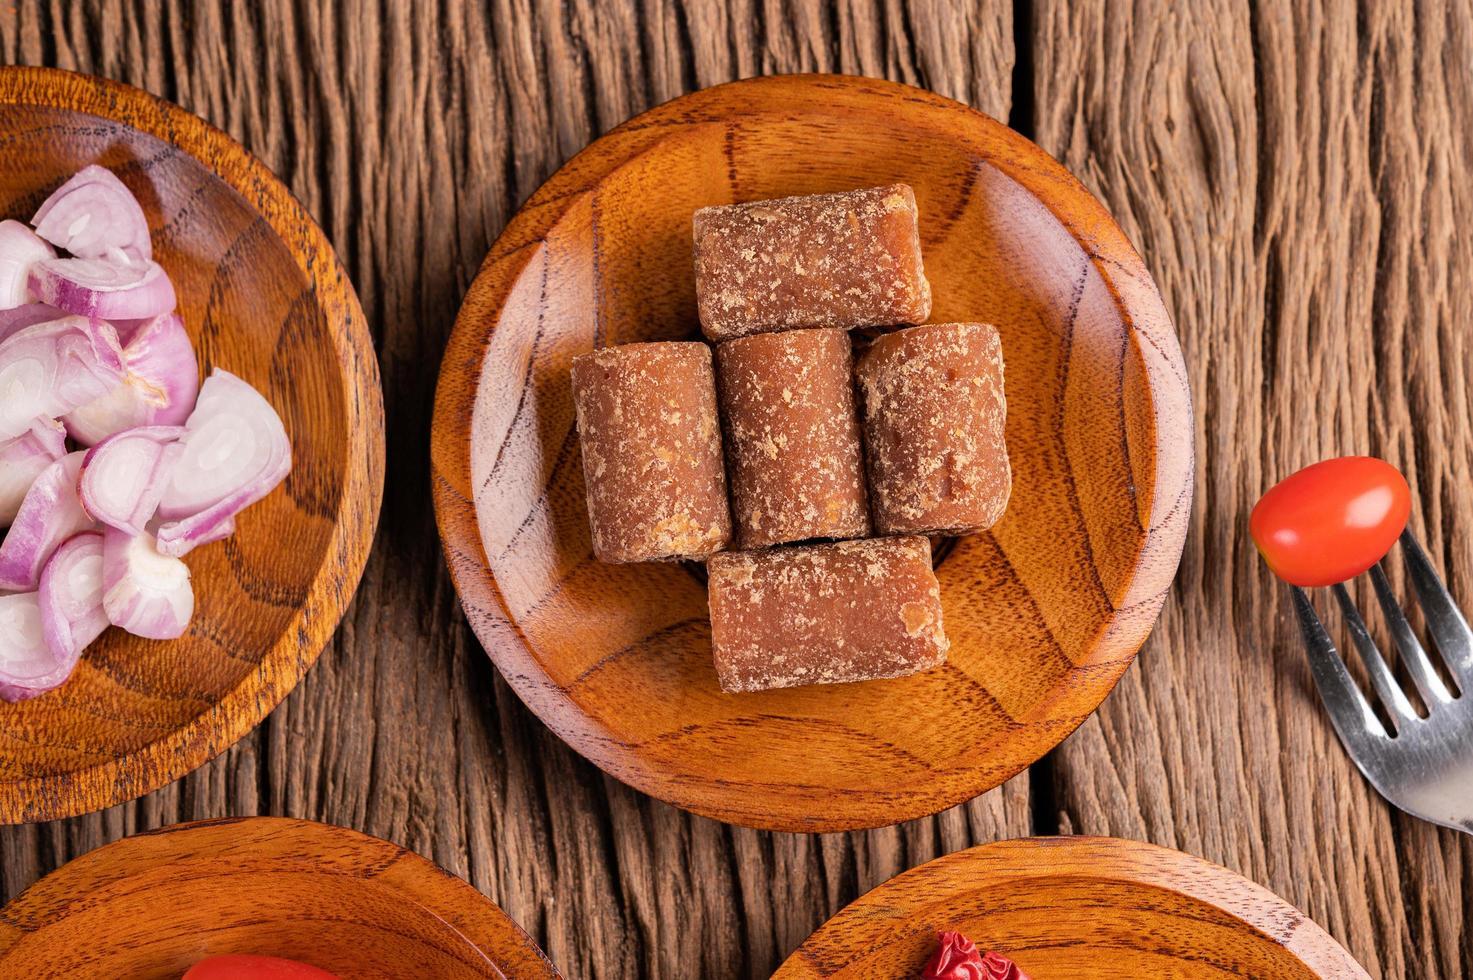 zucchero di palma e cipolle rosse su un piatto di legno foto